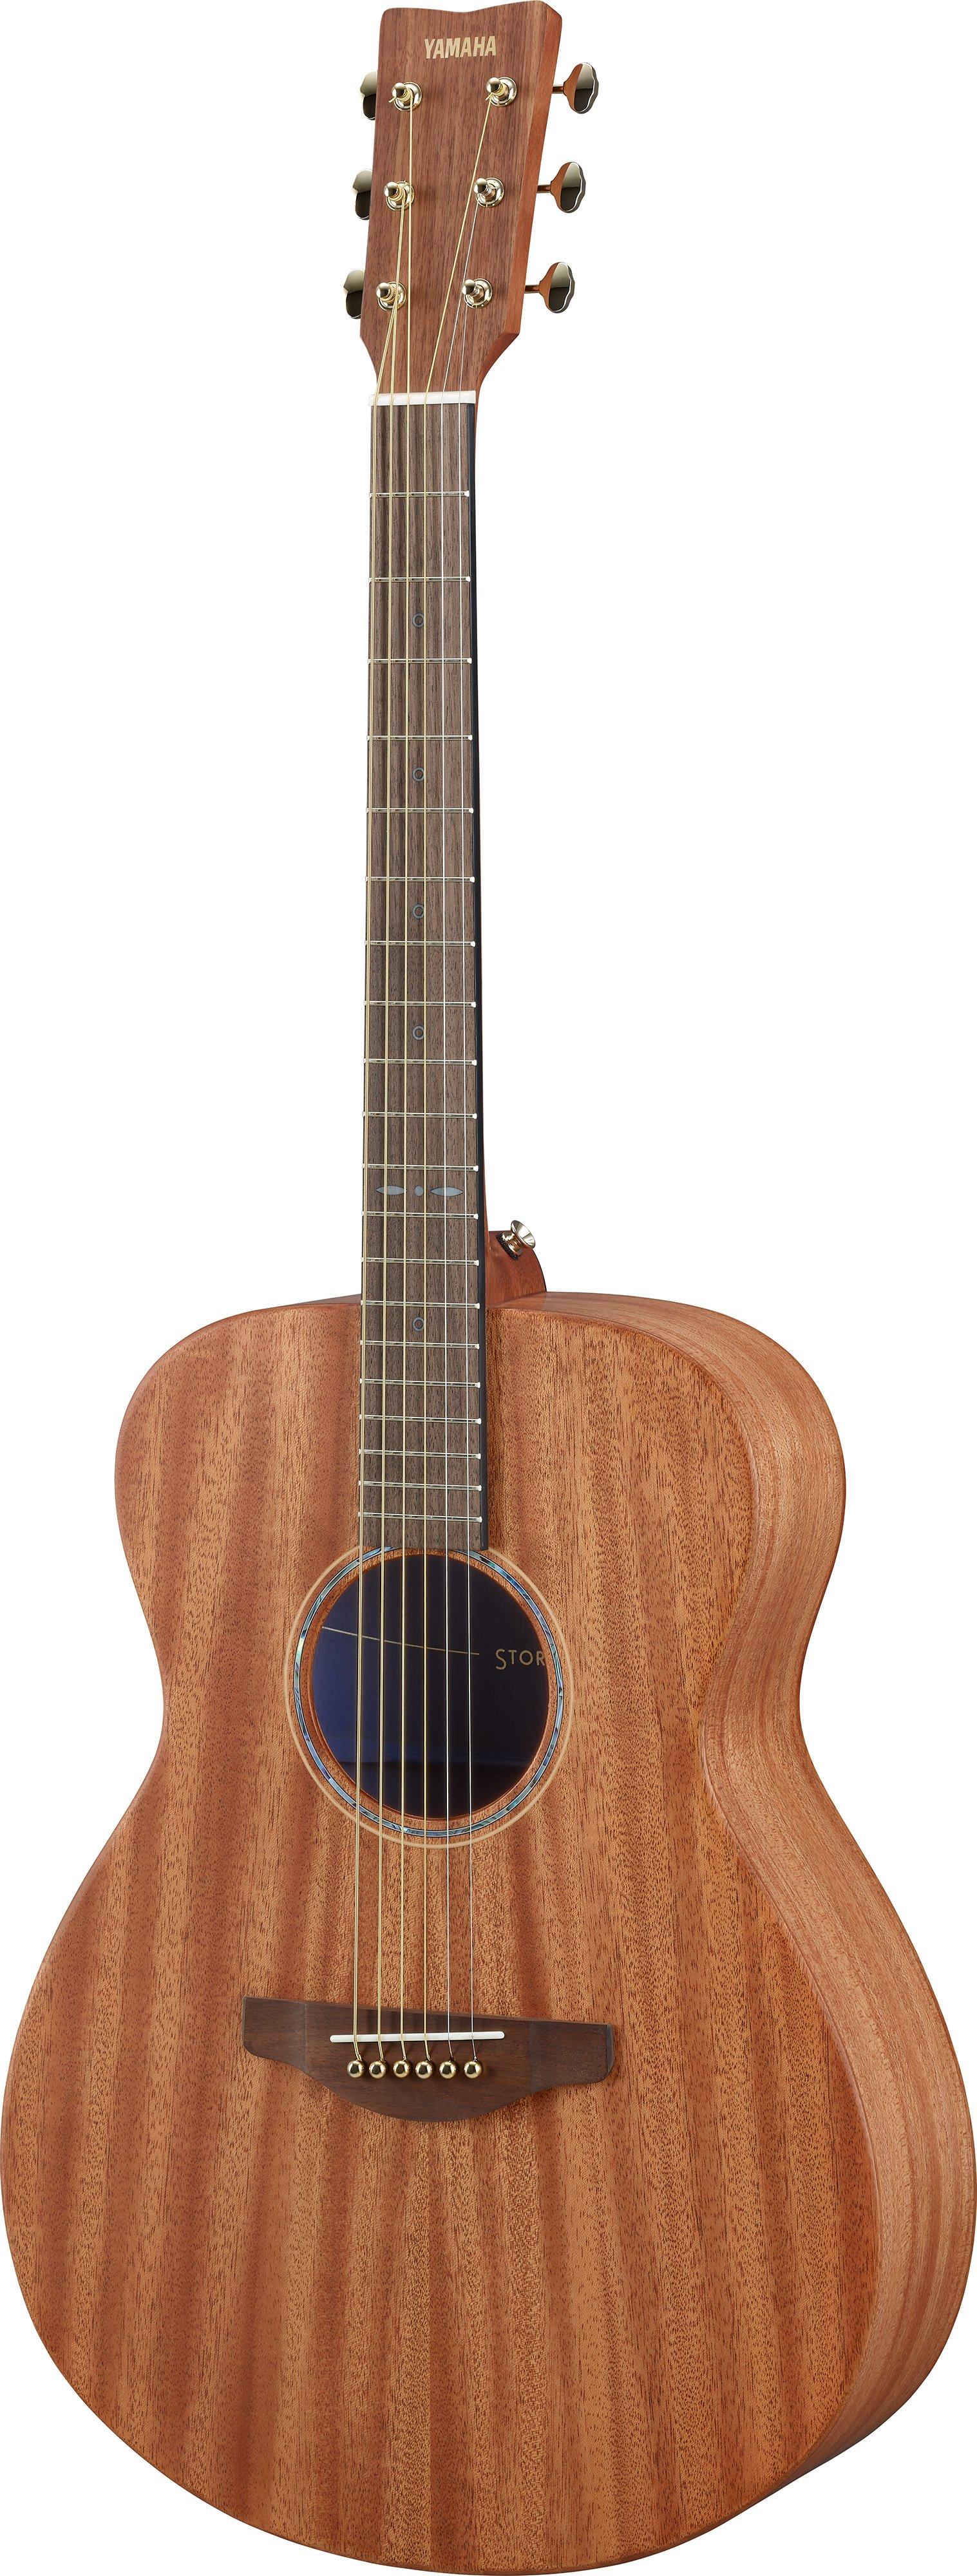 STORIA - Présentation - Guitares acoustiques - Guitares ...